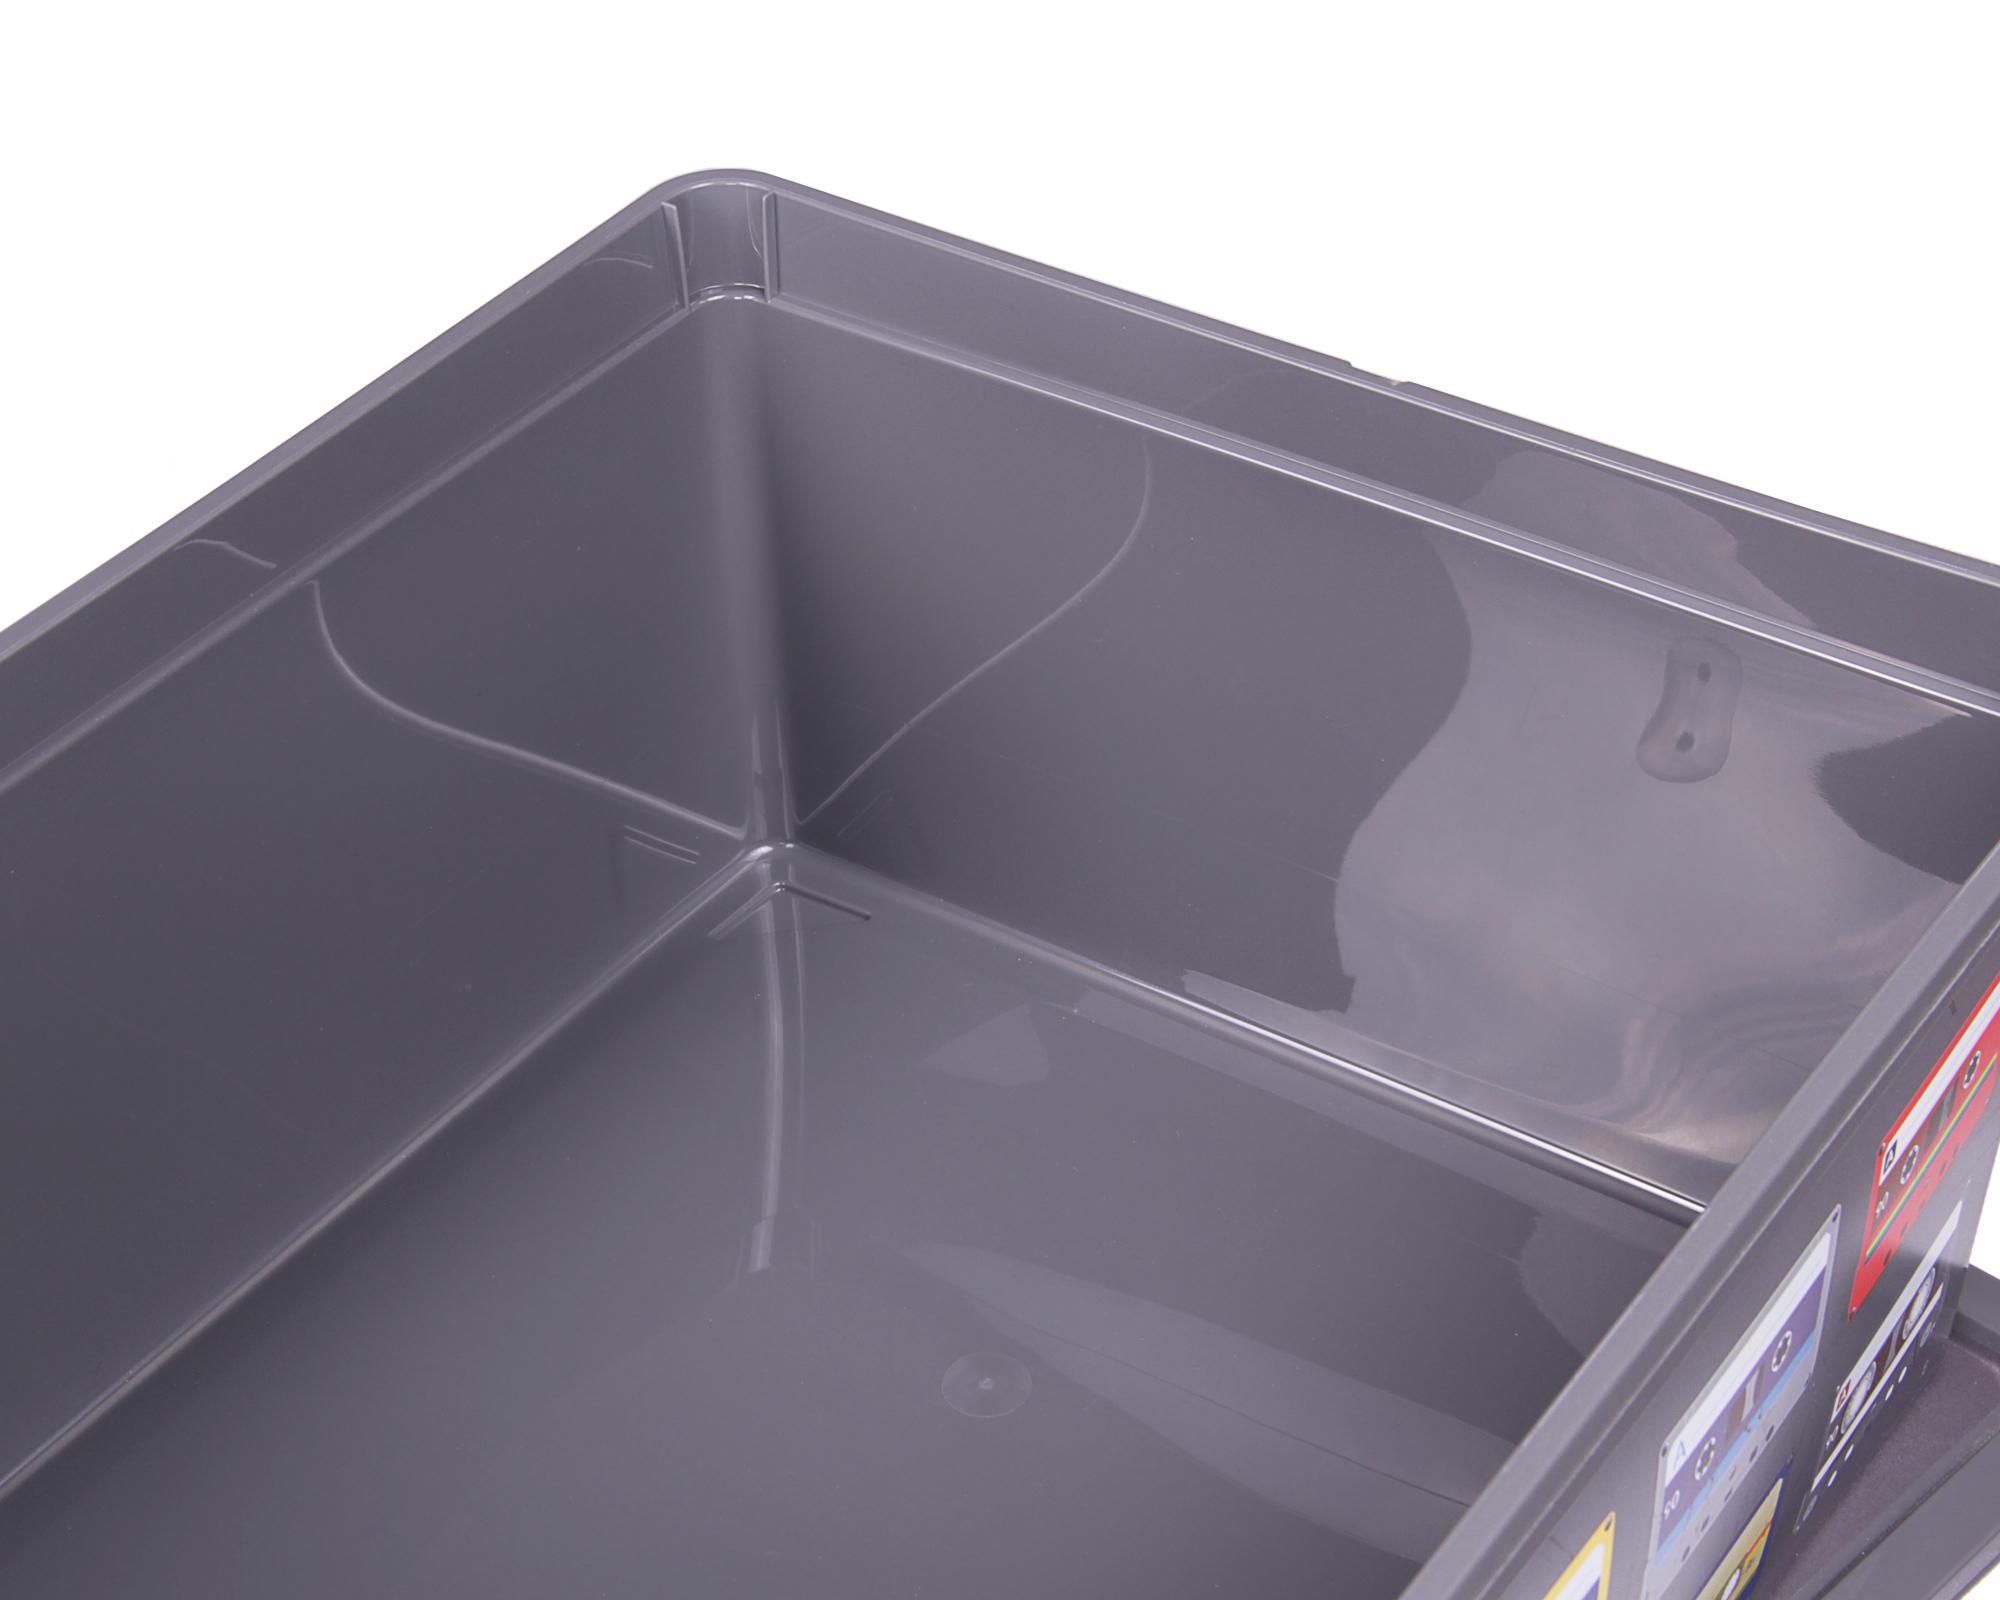 ondis24 aufbewahrungsbox style m retro design technik mit deckel g nstig online kaufen. Black Bedroom Furniture Sets. Home Design Ideas